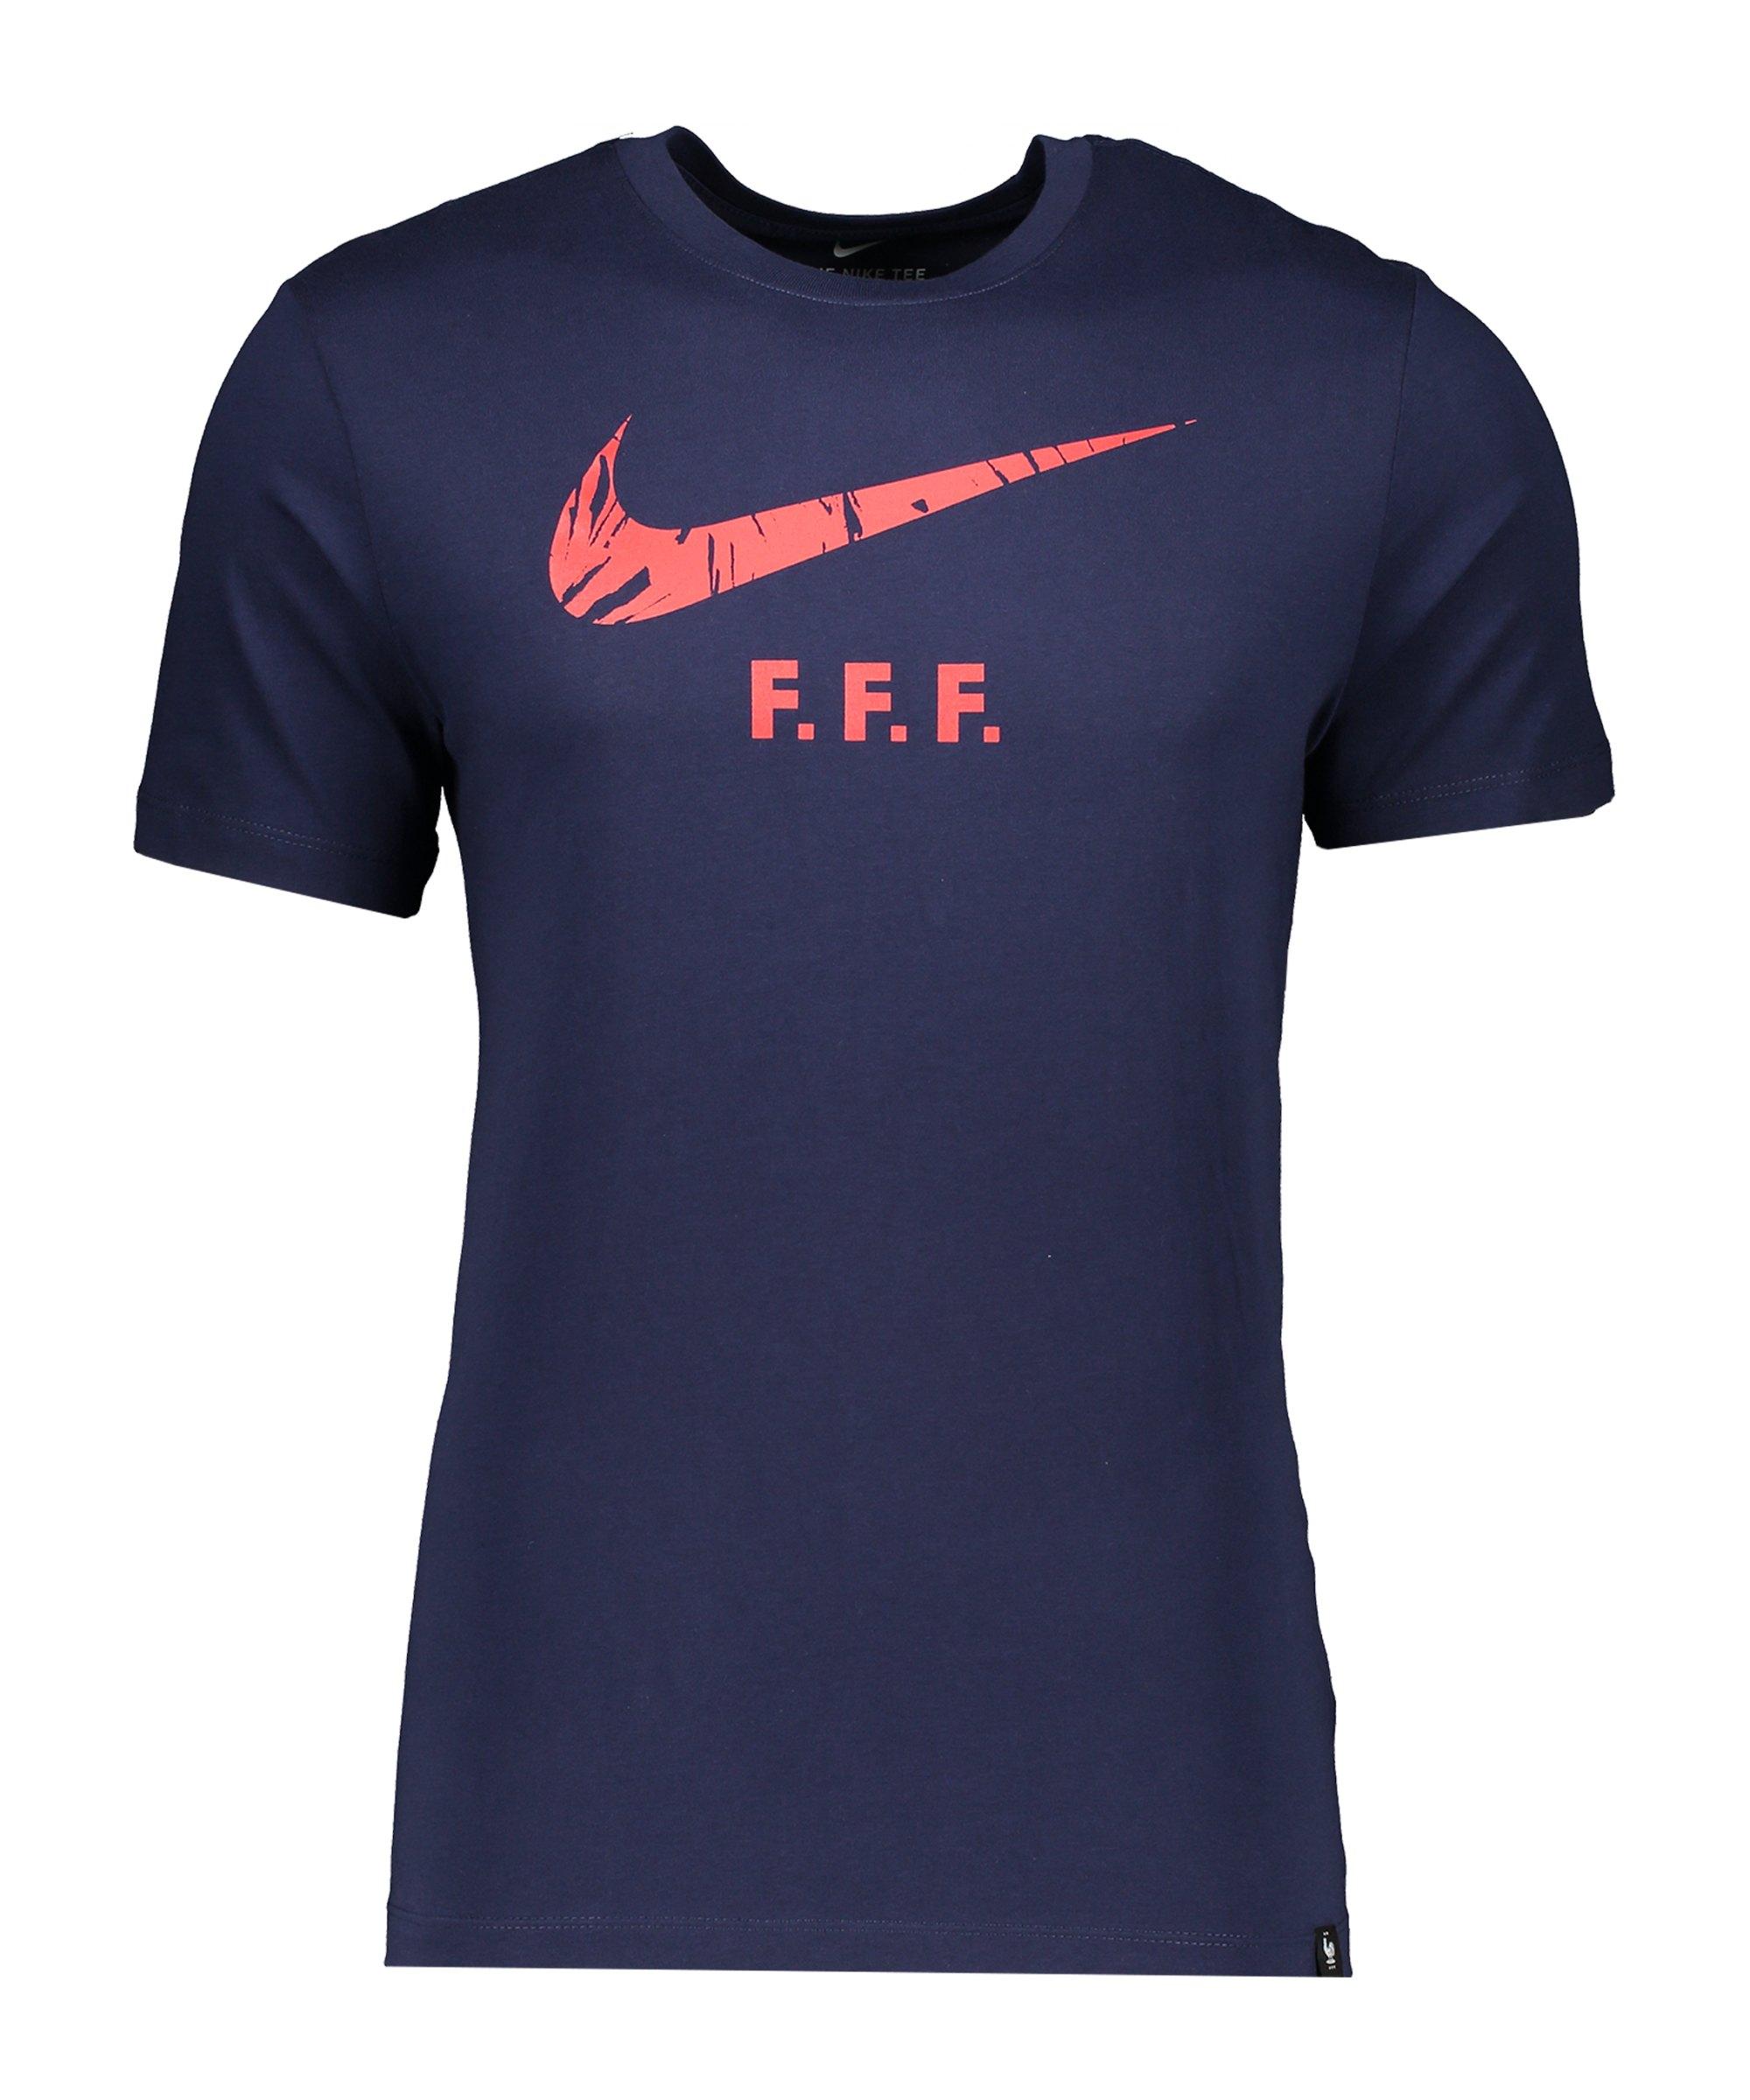 Nike Frankreich Ground Tee T-Shirt Blau F498 - blau